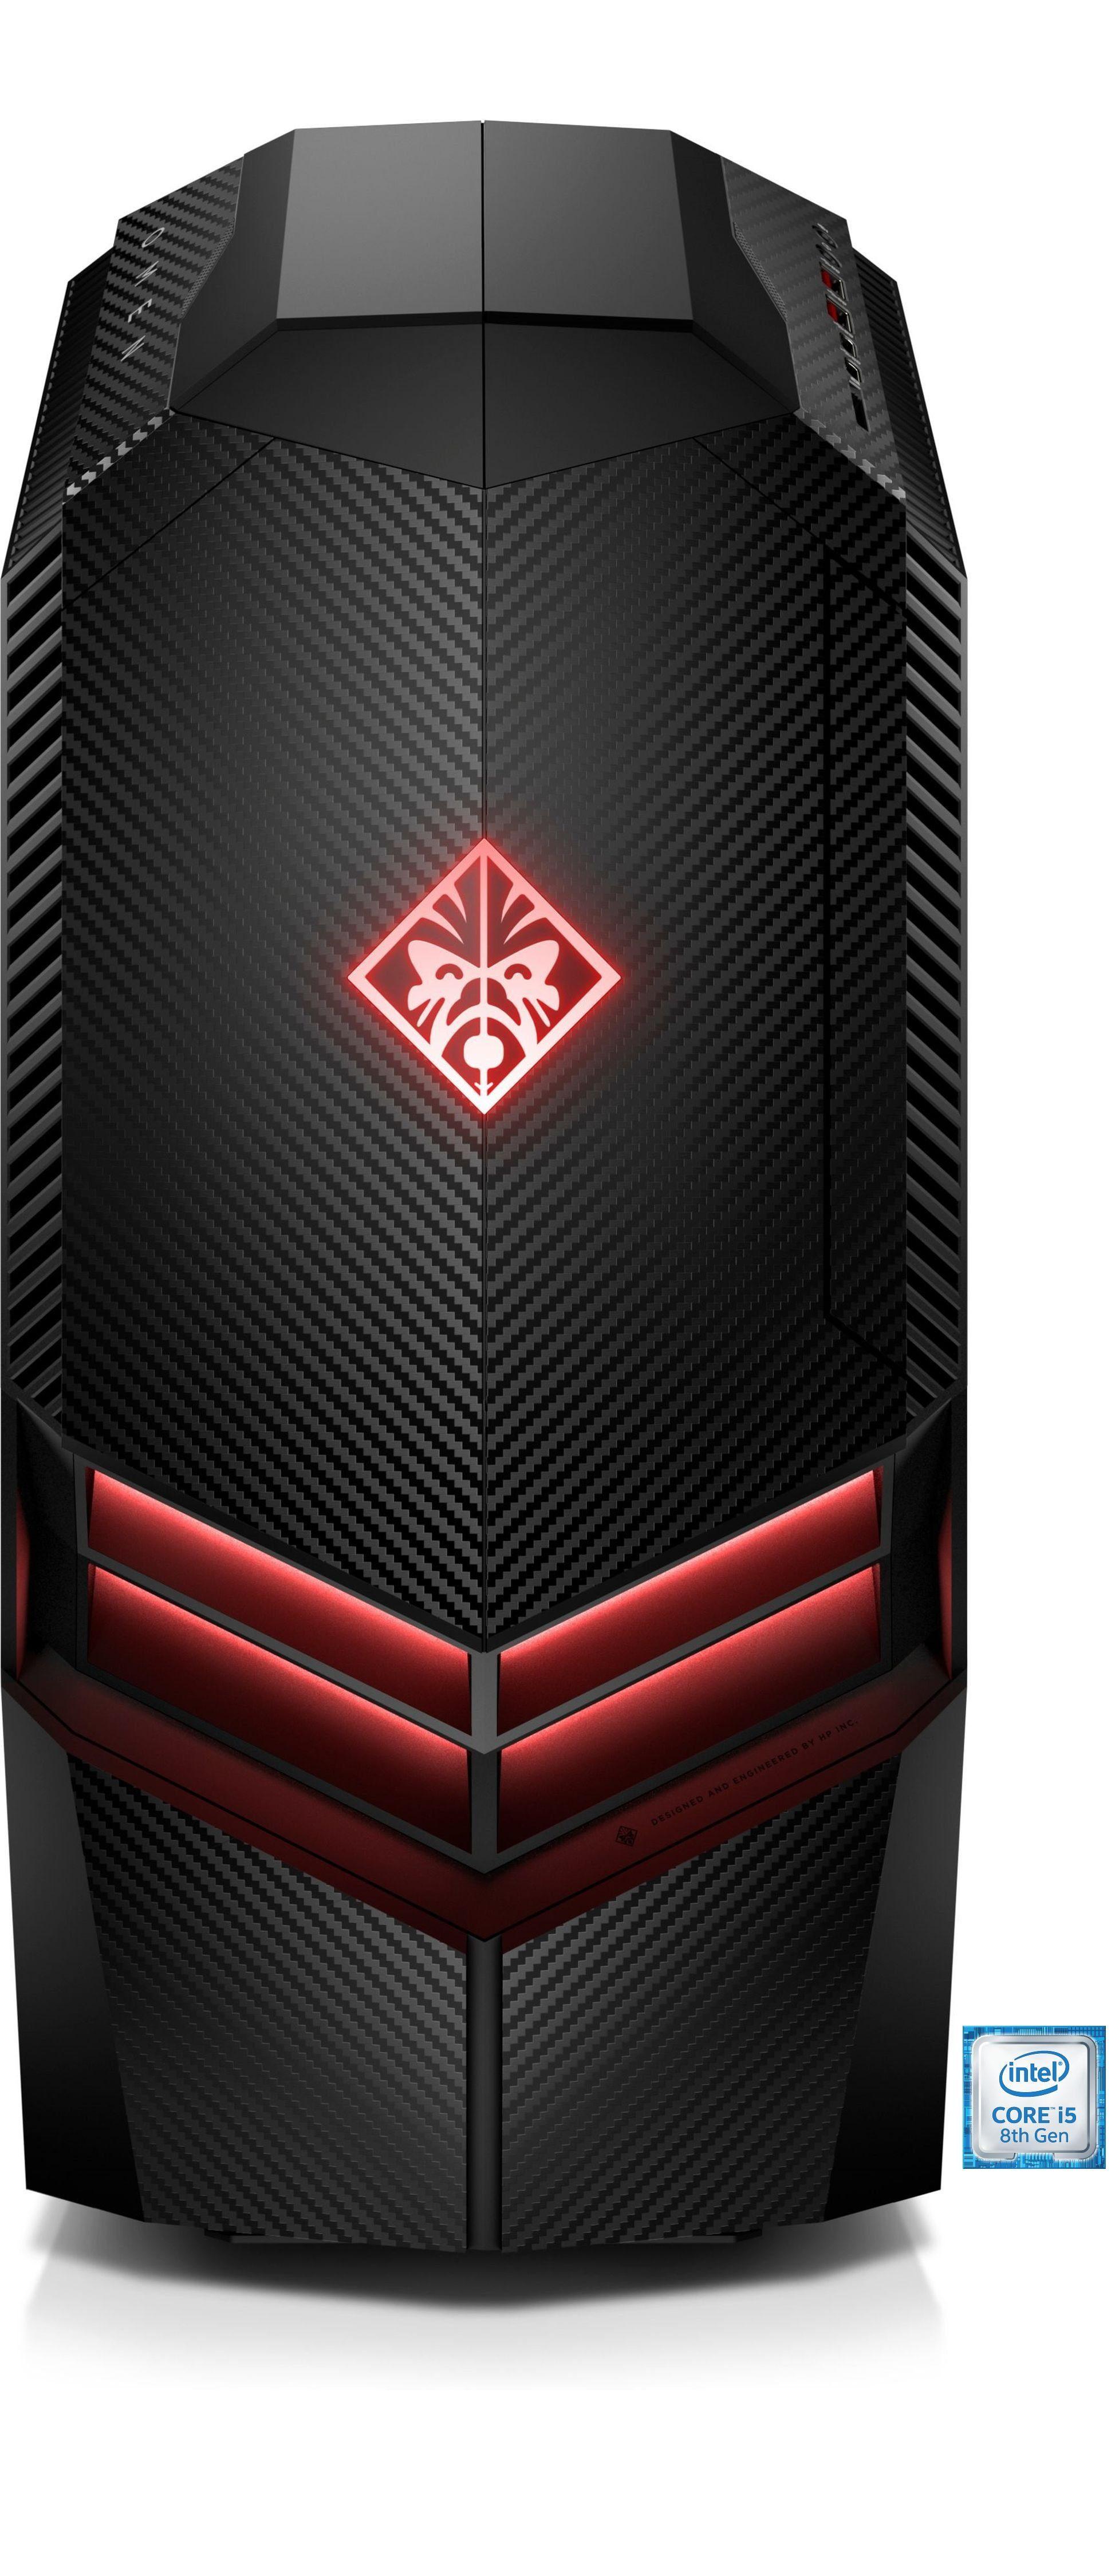 OMEN by HP 880-167ng Gaming-PC »Intel Core i5, GTX 1060, 128 GB + 1 TB, 8 GB«